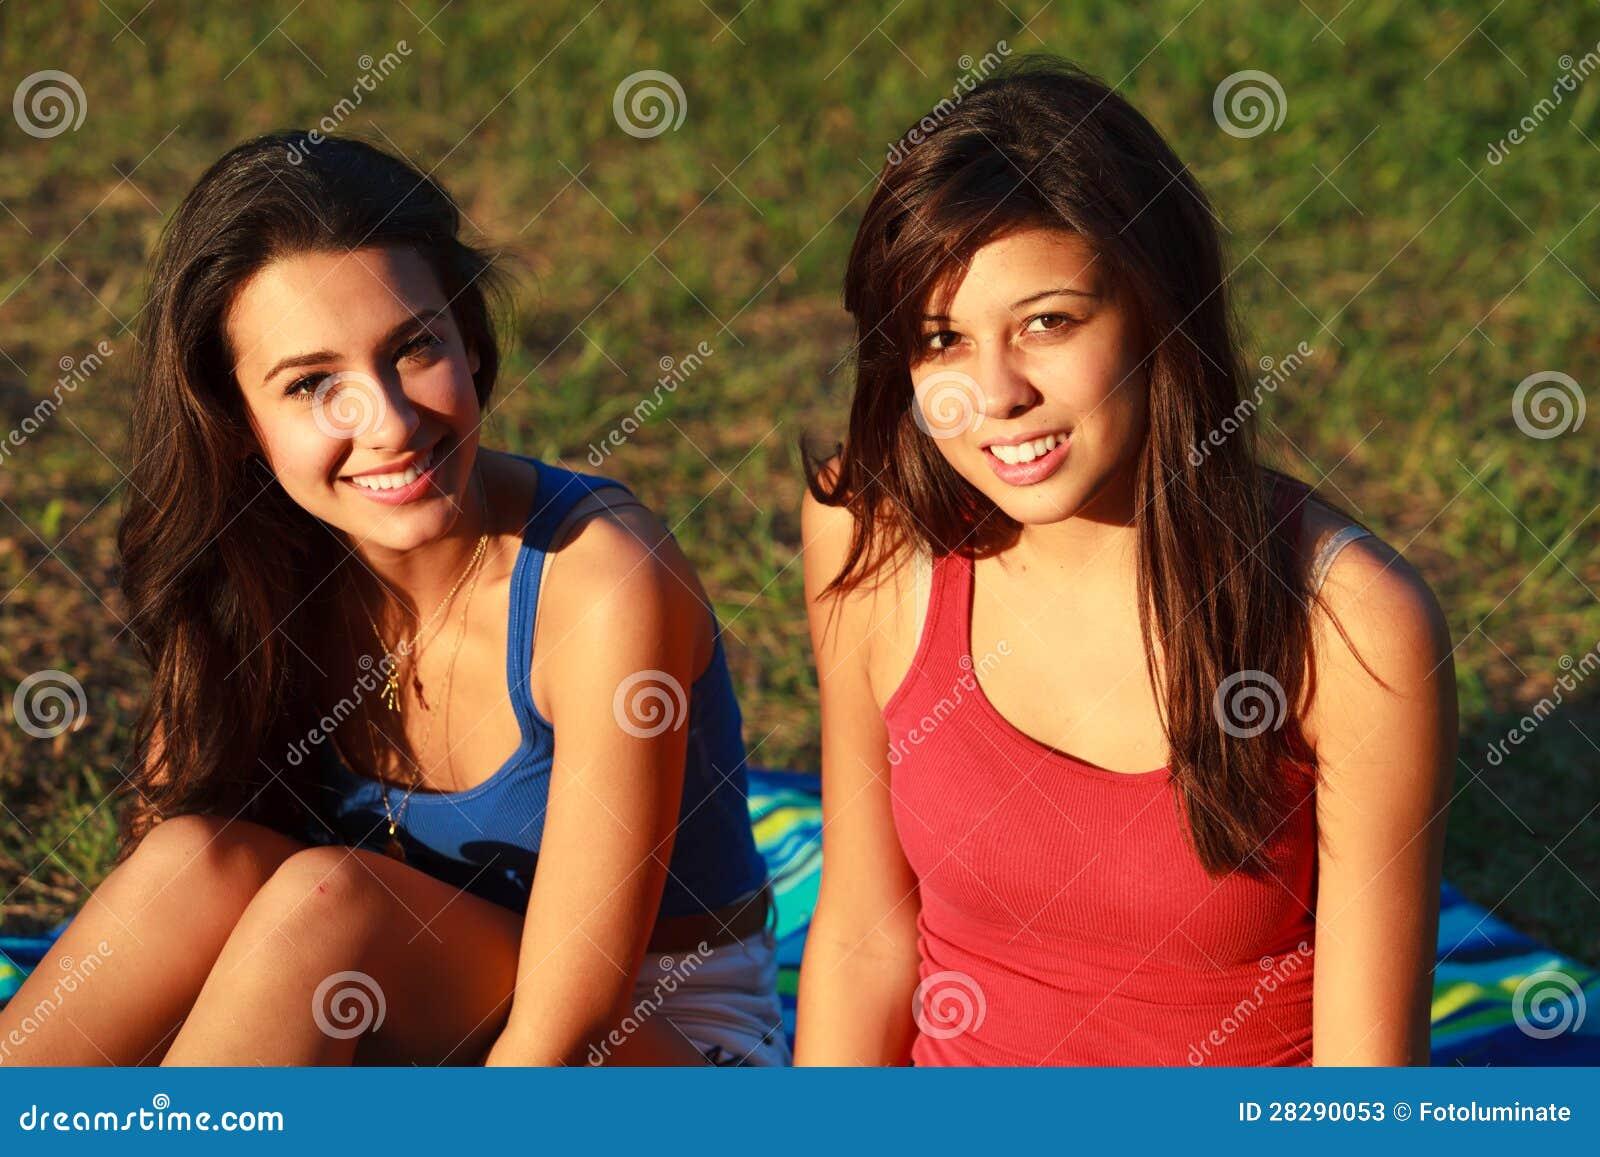 Blog de chicas universitarias